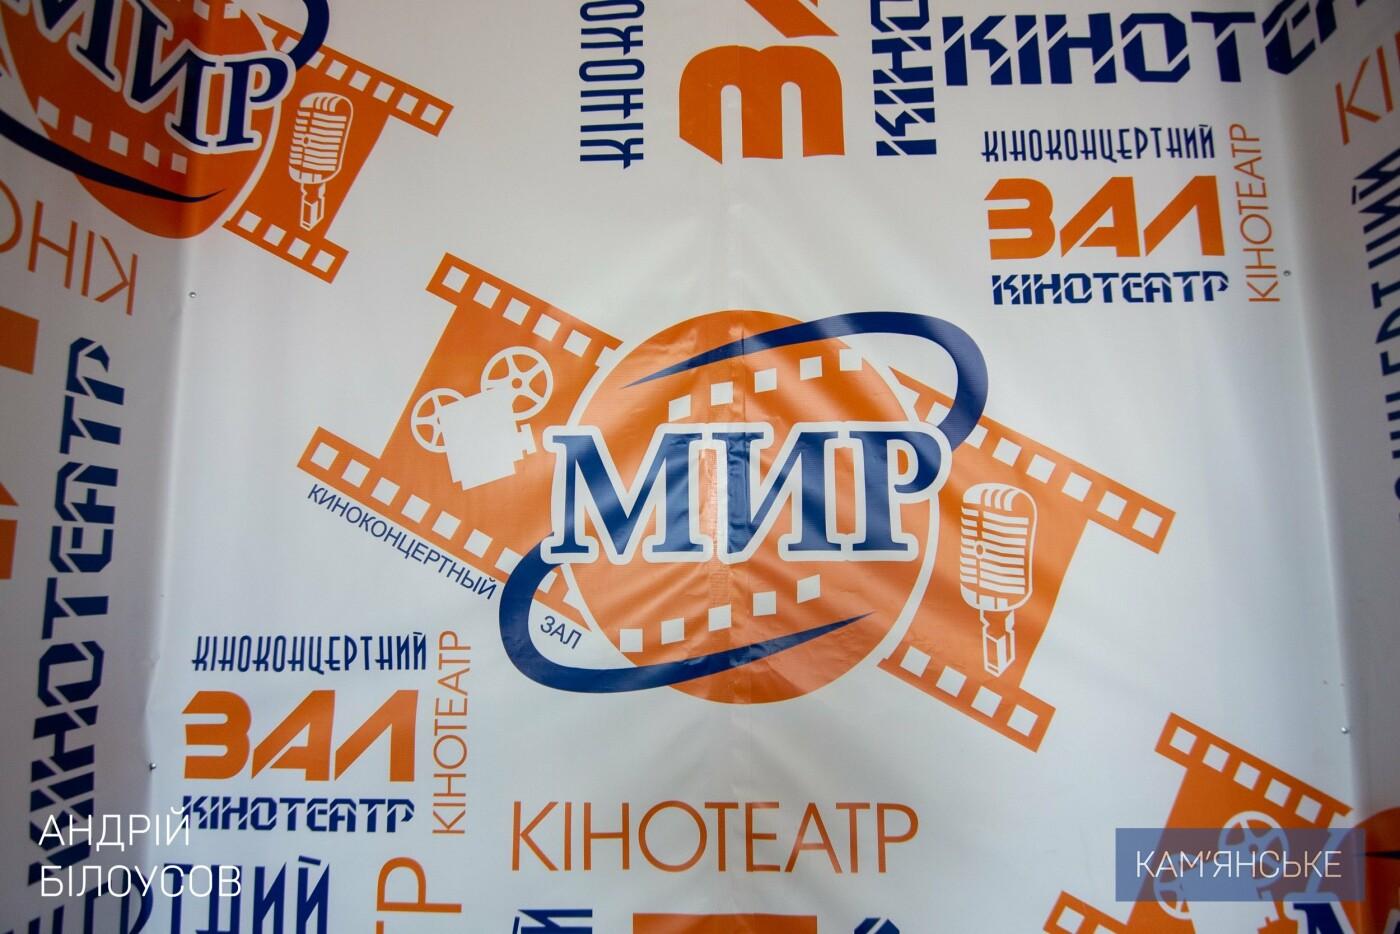 В Каменском коммунальном кинотеатре «Мир» откроют современный кинозал, фото-3